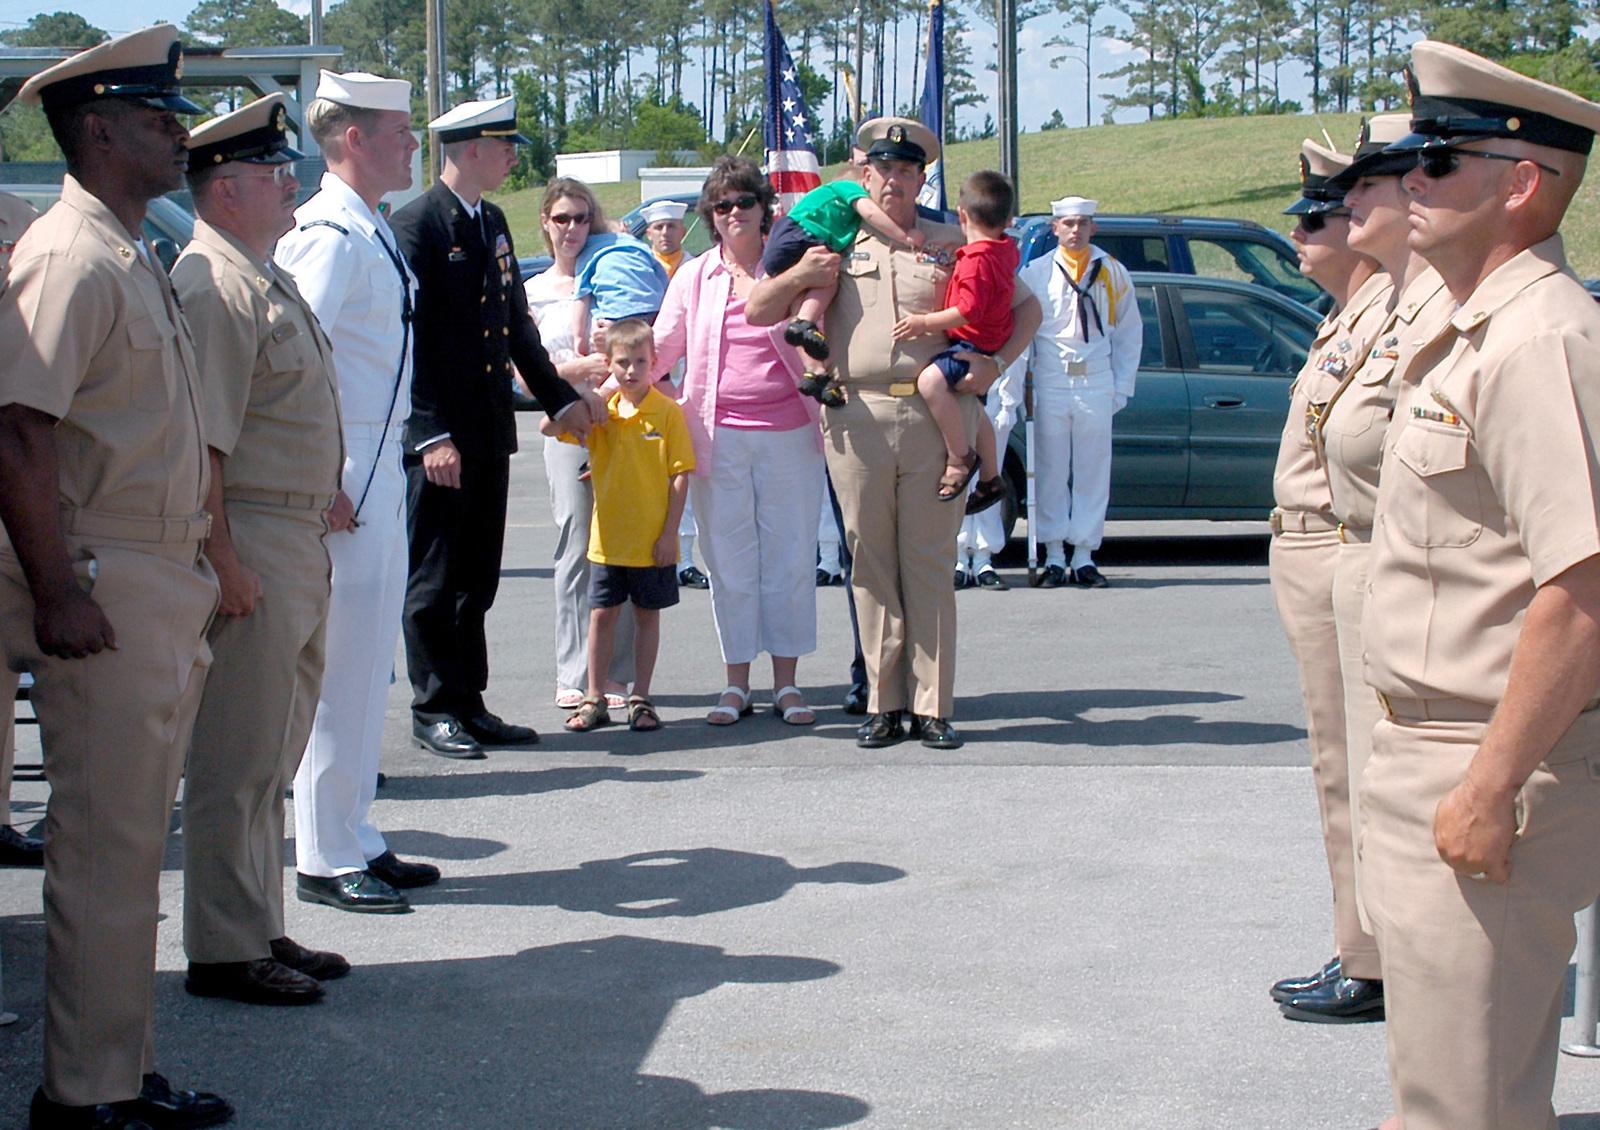 b2487f6b9d7 US Navy (USN) MASTER CHIEF PETTY Officer (MCPO) Steven E. Felter ...